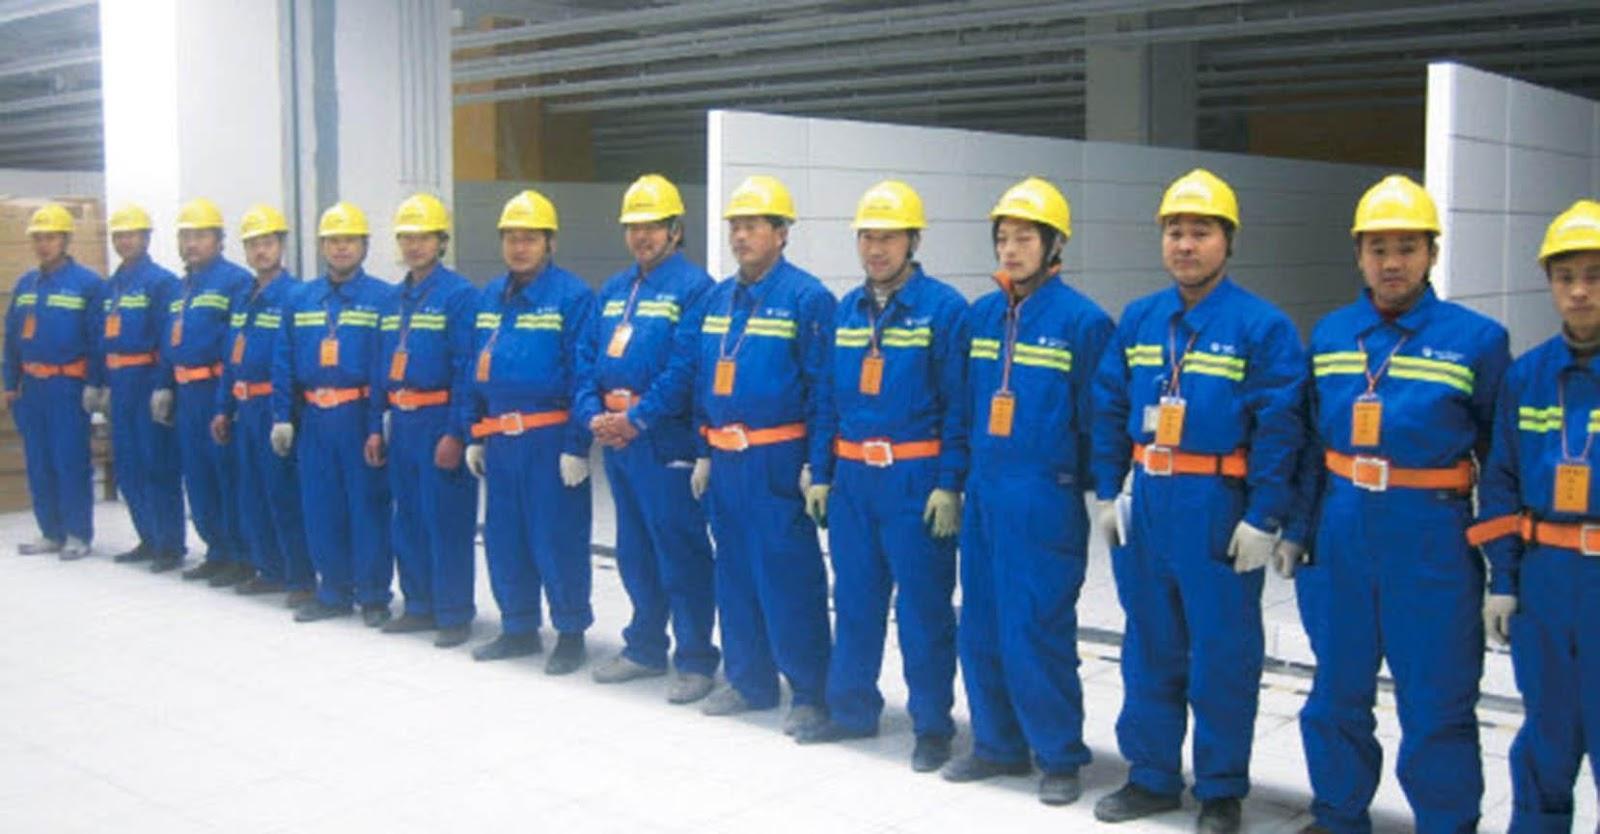 Nhu cầu cung ứng lao động tại Vũng Tàu